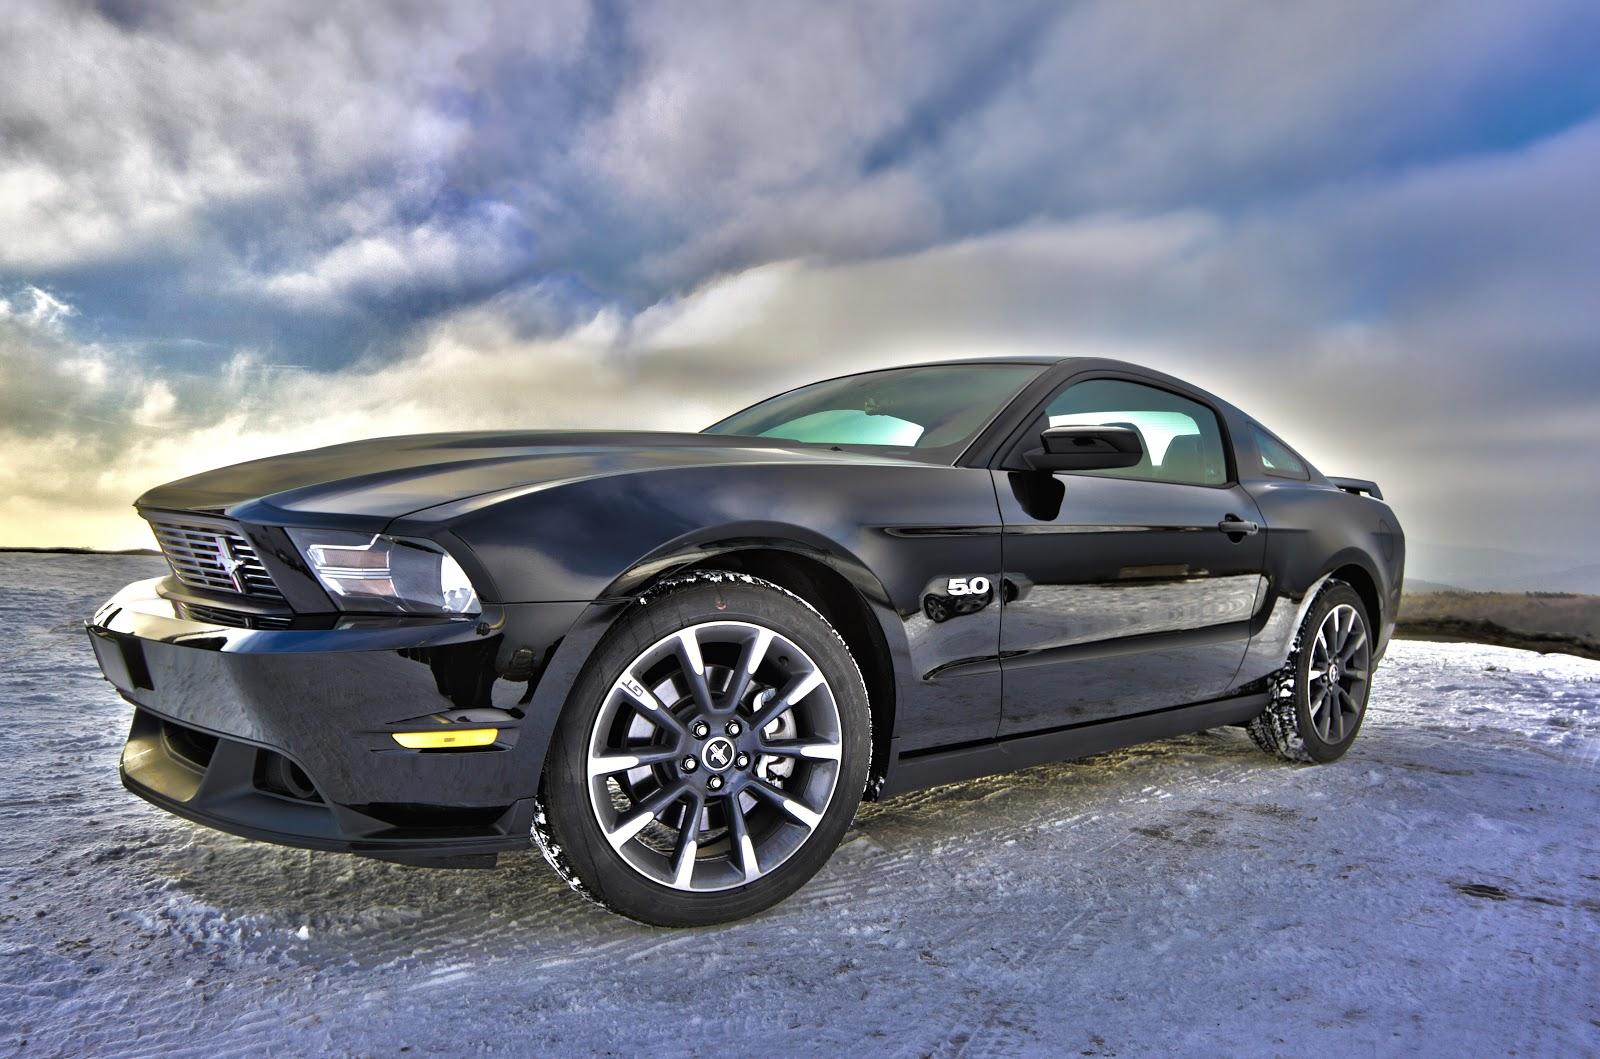 automotive-black-coupe-80465